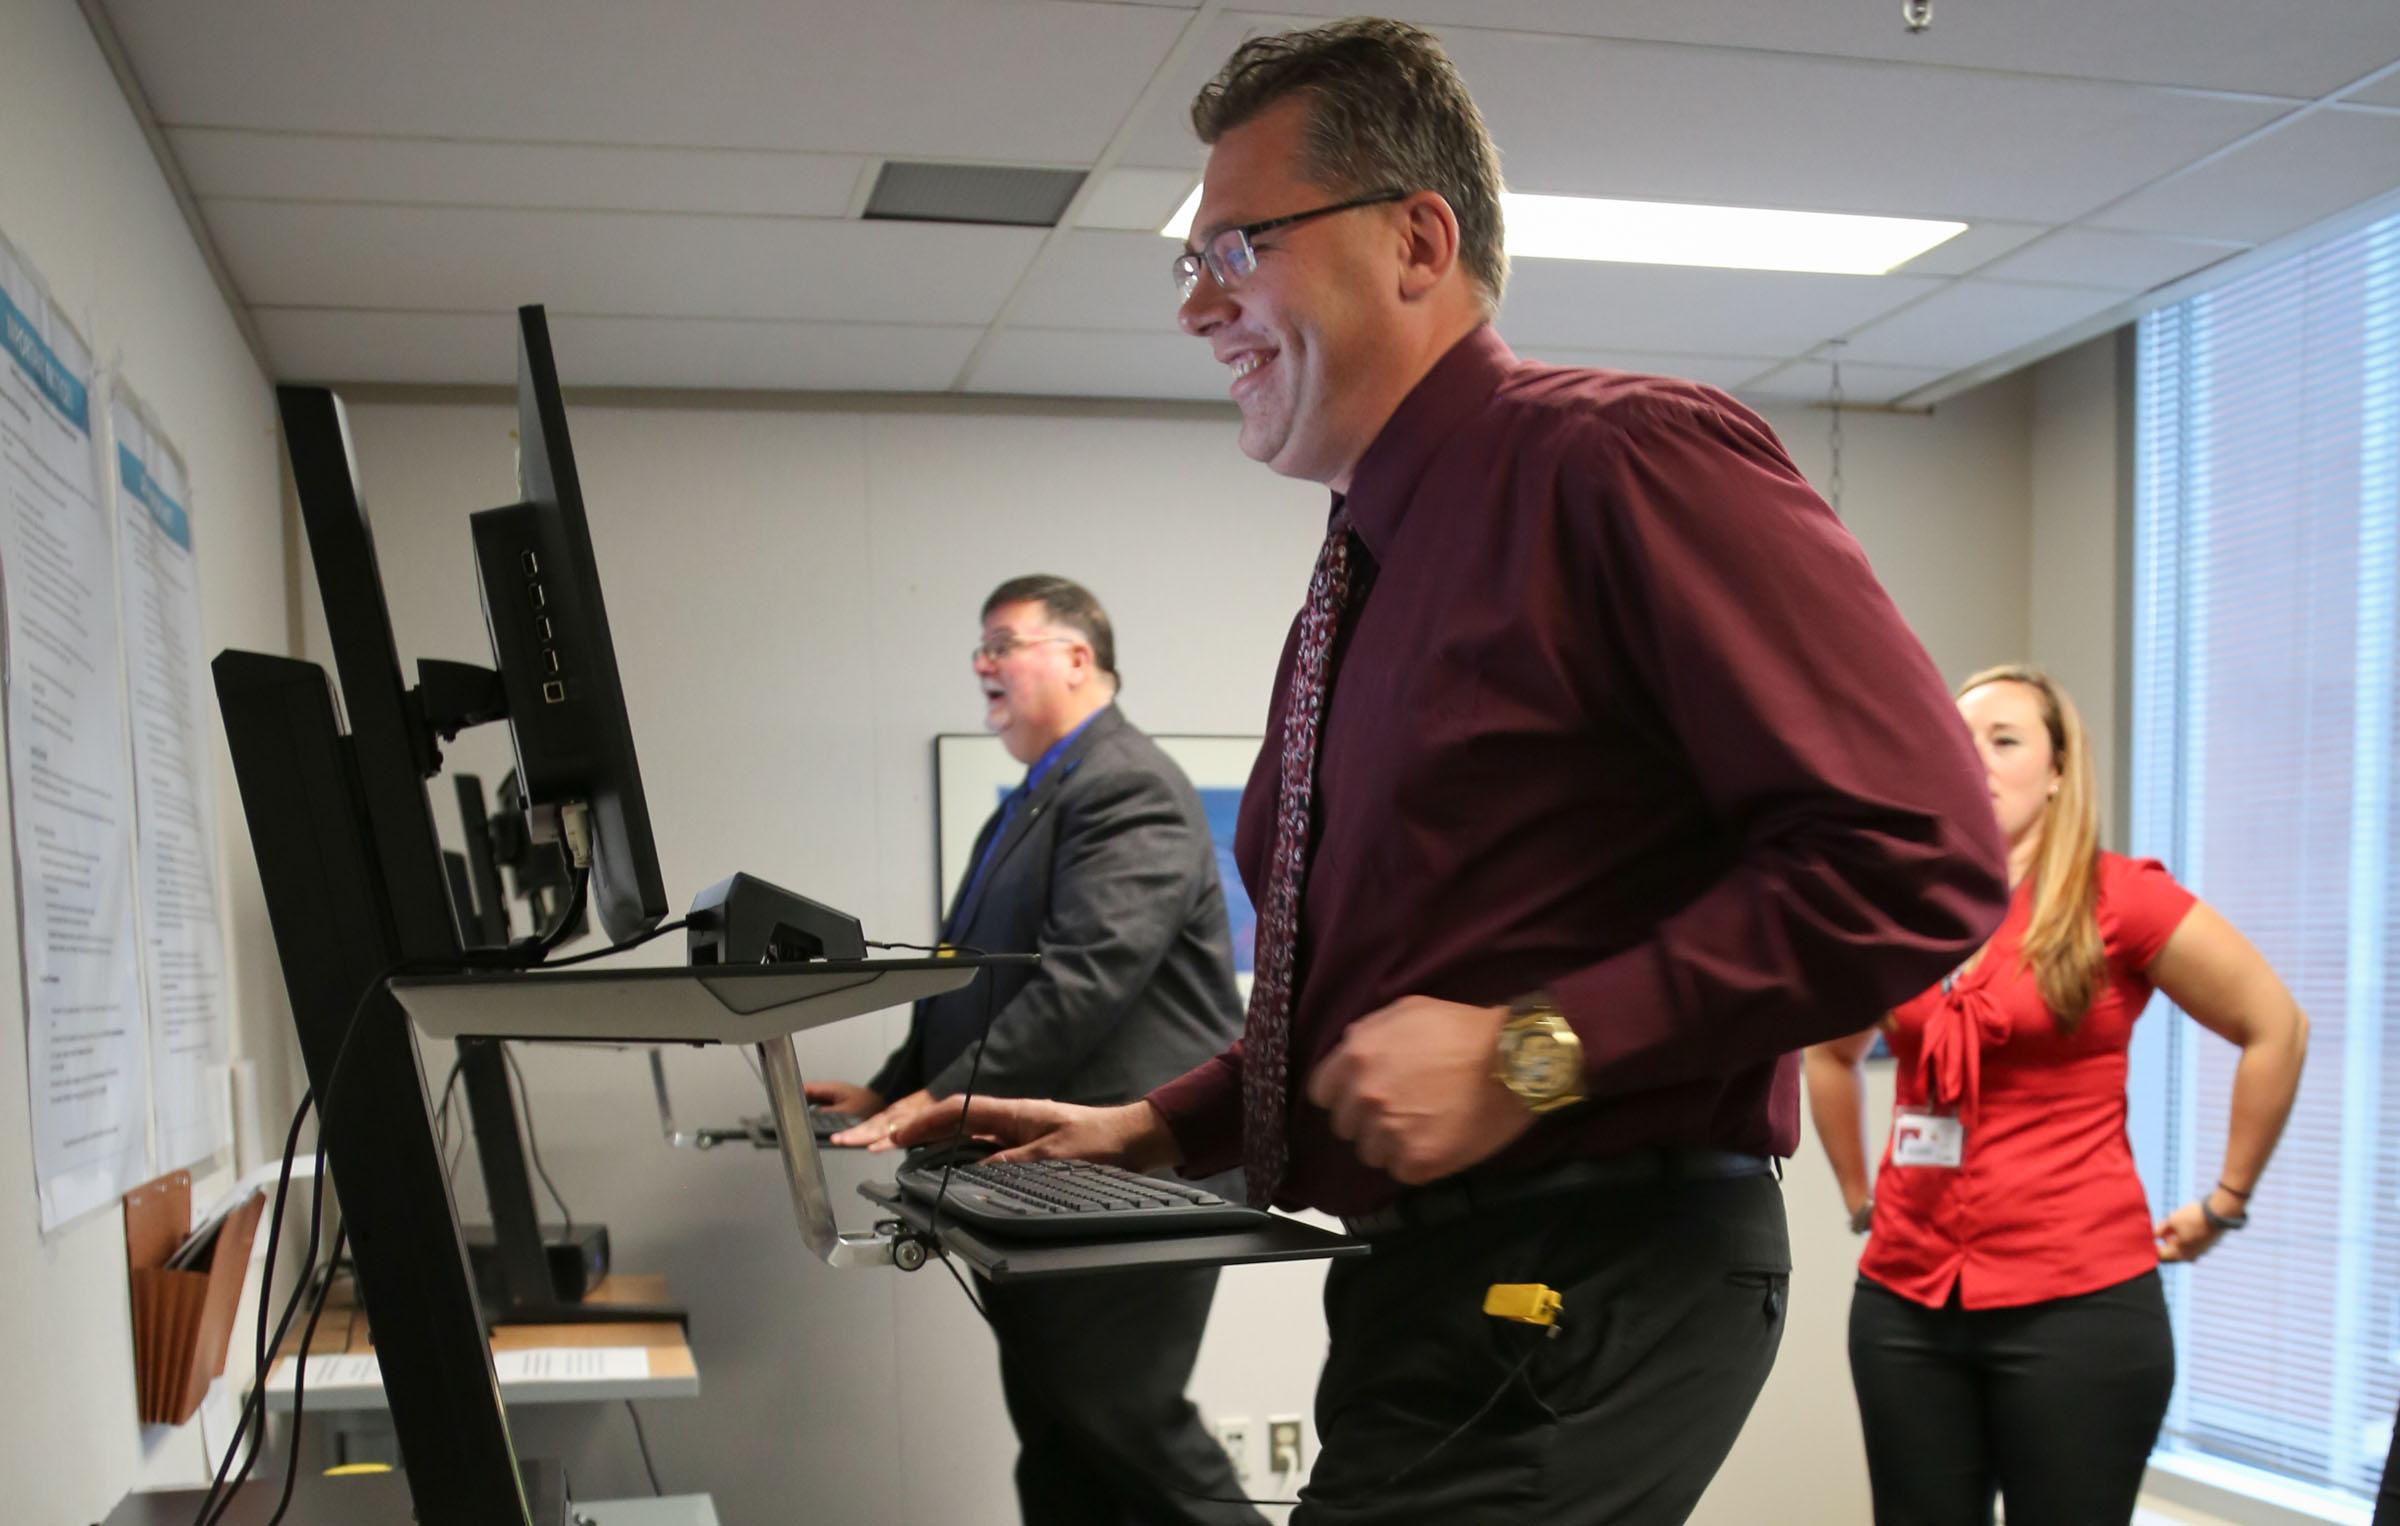 Une photographie du commissaire Don Head (à l'arrière) et de Scott Harris, commissaire adjoint, Communications et engagement, faisant l'essai des tapis roulants lors du lancement des postes de travail avec tapis roulants.